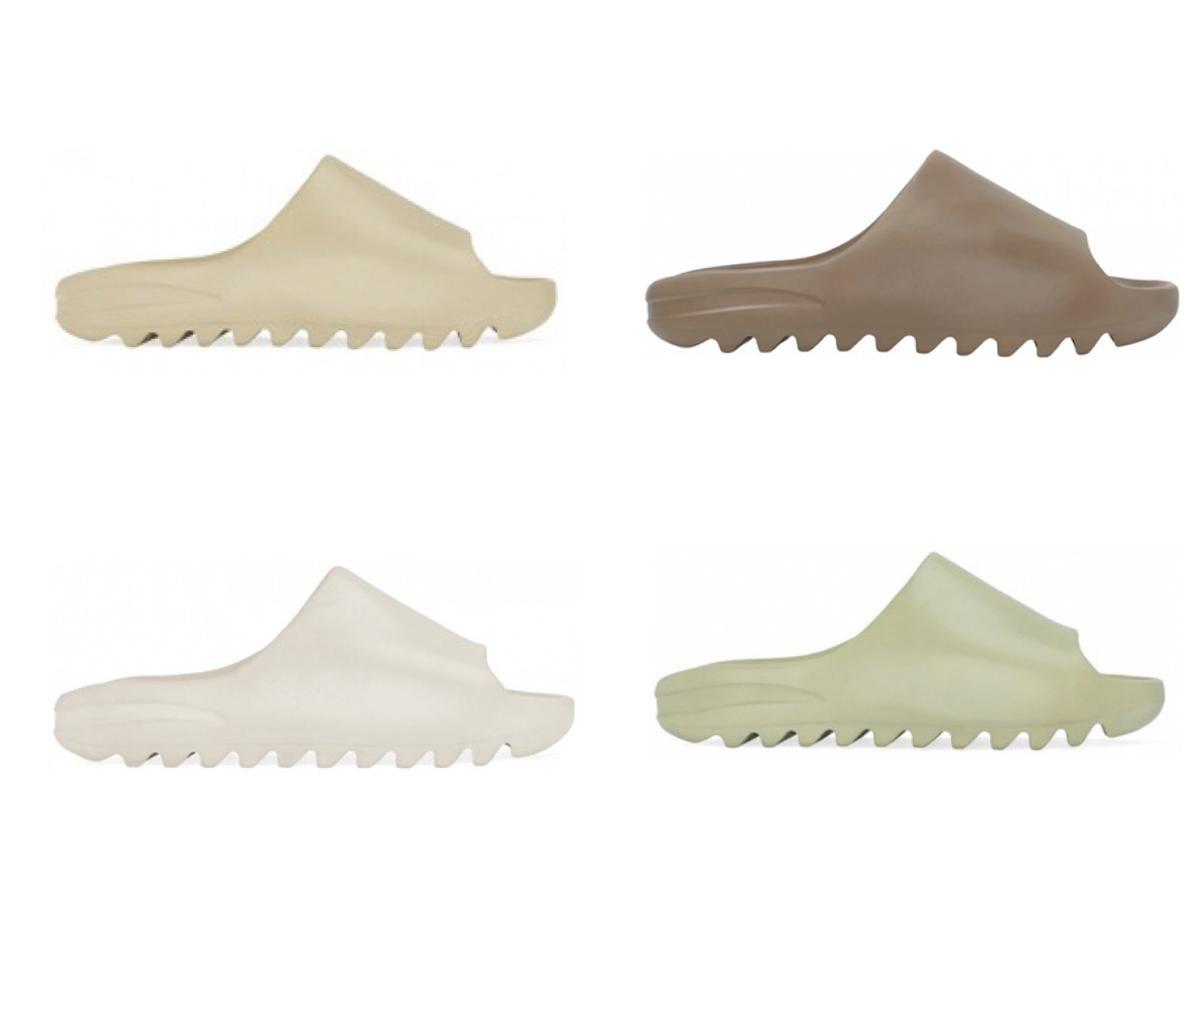 2020 Schuhe Slides Sommer-Strand-Innenflach G Sandalen Slide Knochen HARZ EATRH BROWN Wüstensand Slippers Haus Flip Flops Spike Sandale